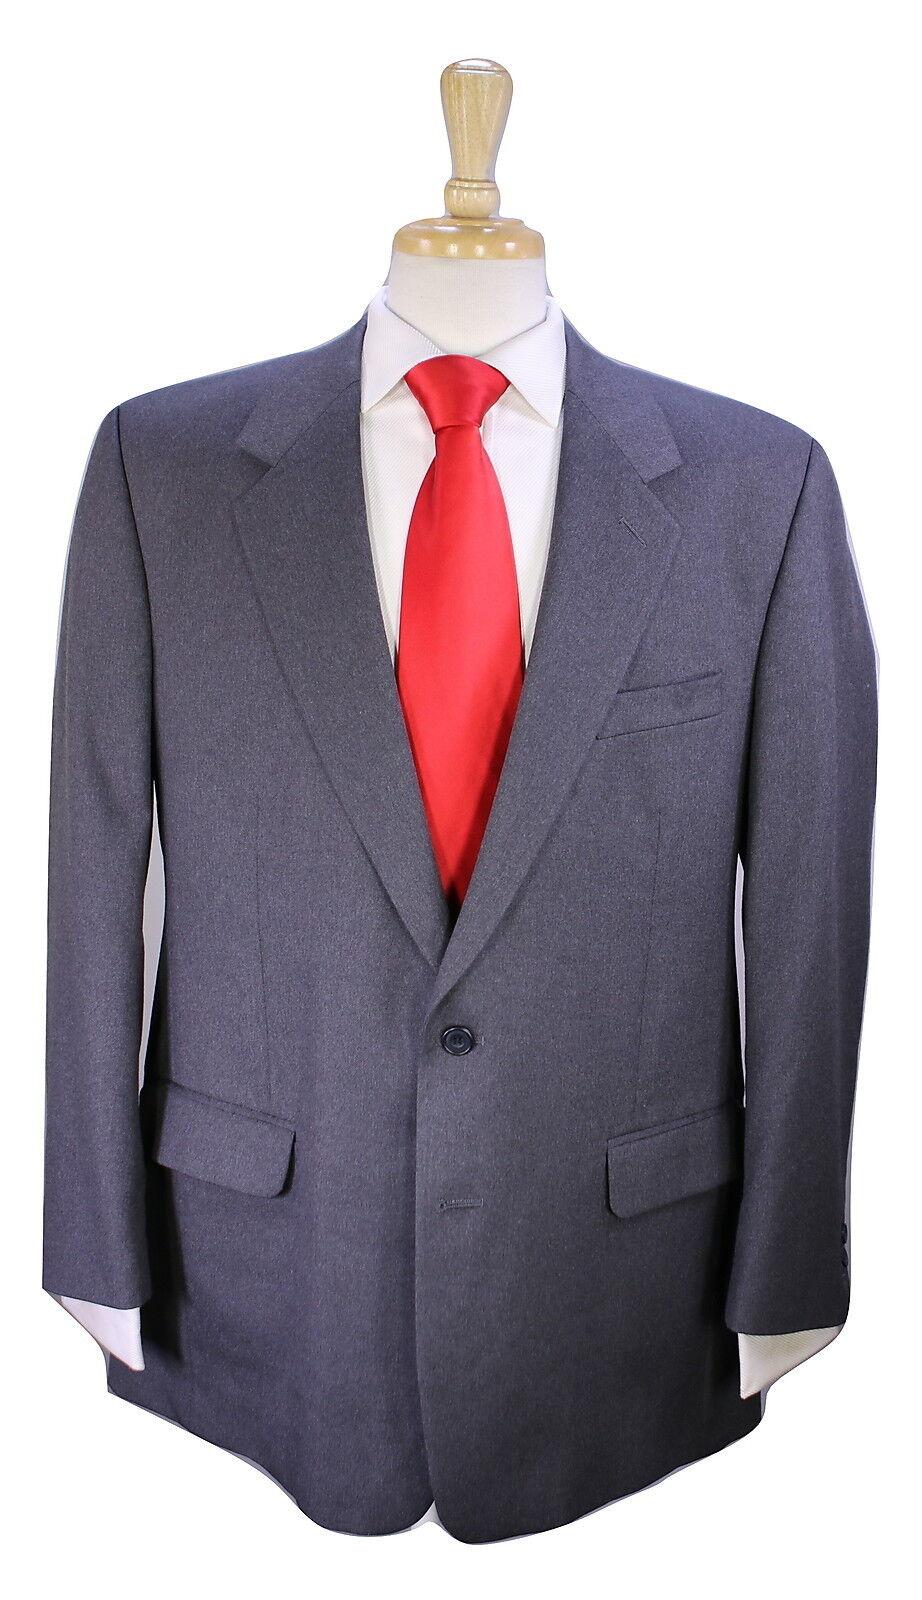 40 SAVILE ROW  London Bespoke Solid grau 2-Btn Canvassed Wool Suit 42R